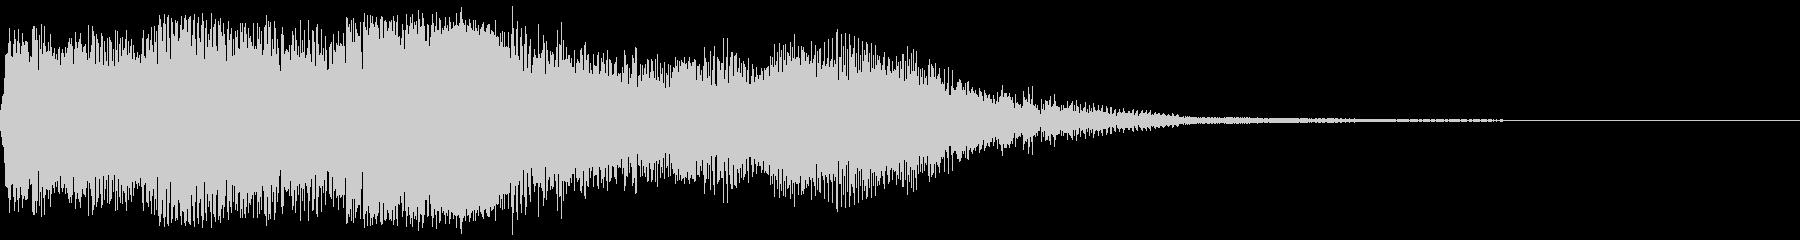 エピック映画のタイトルロゴに合うパッド音の未再生の波形